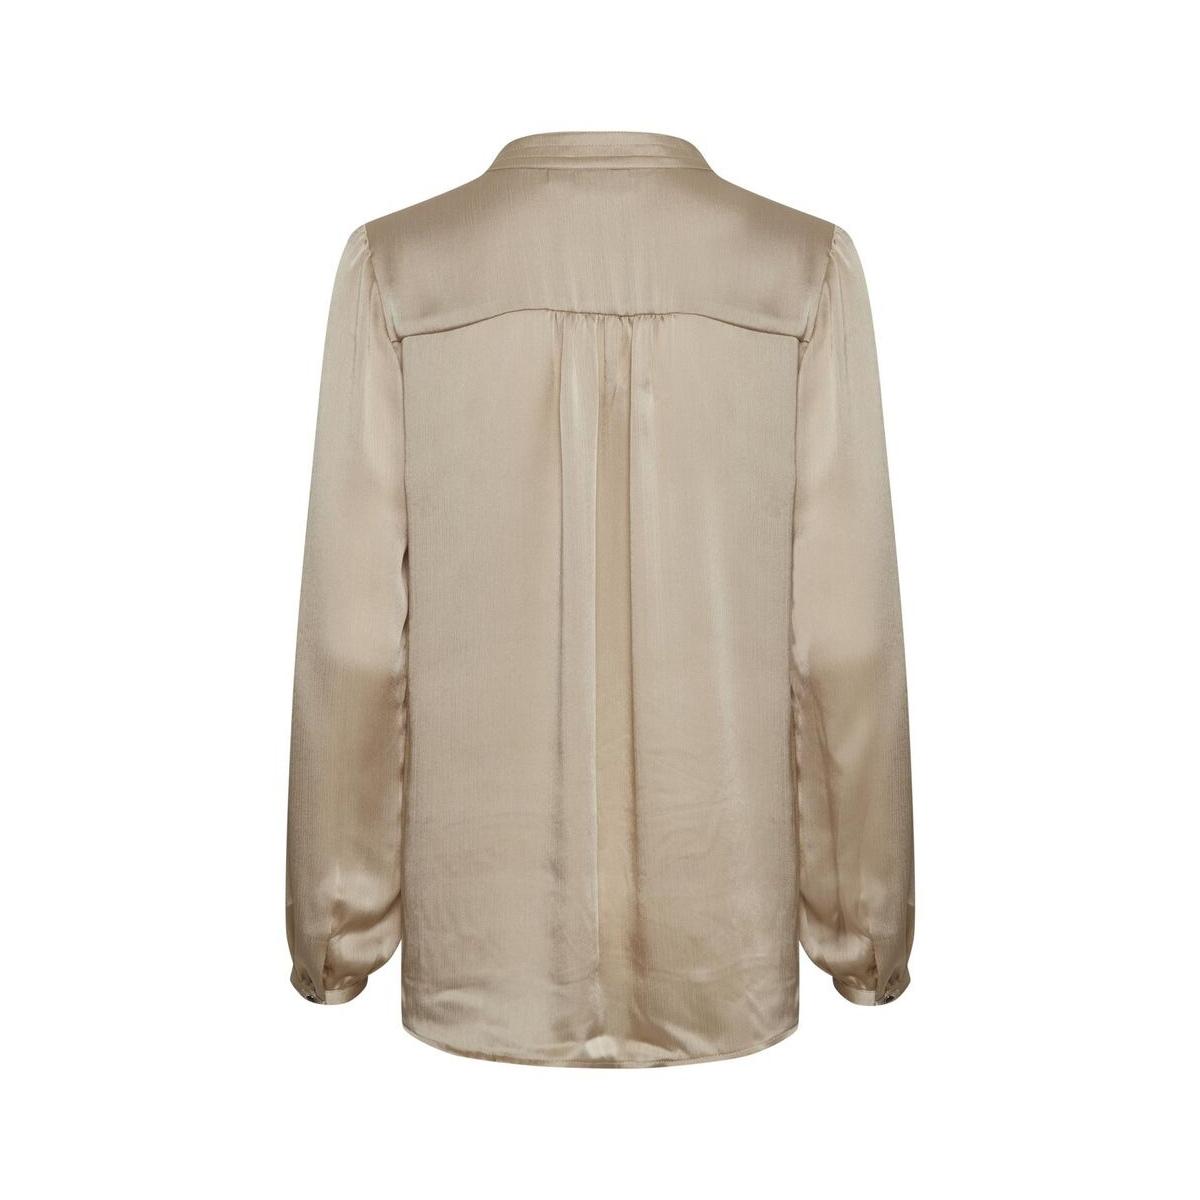 woven blouse l sl 30501388 saint tropez blouse 5171